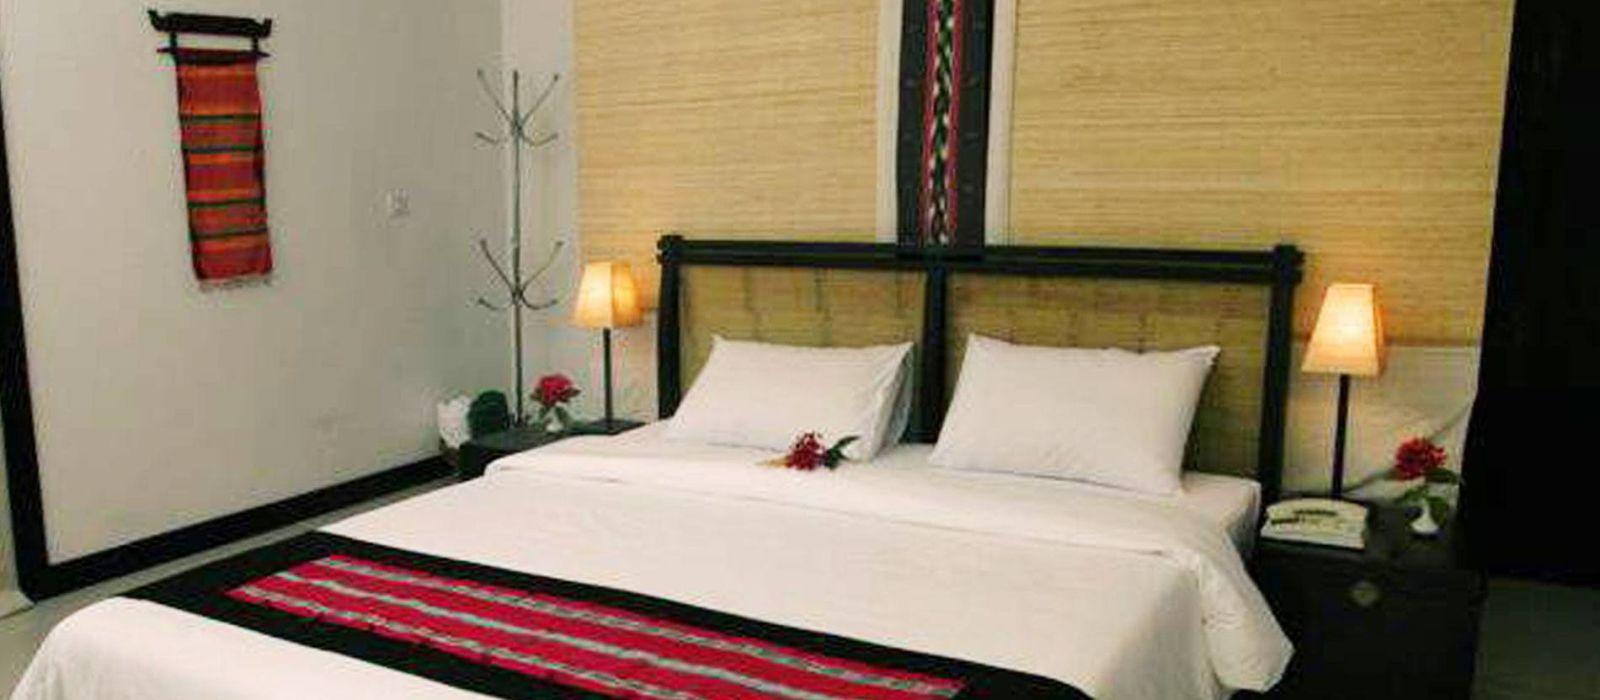 Hotel La Maison dAngkor Cambodia